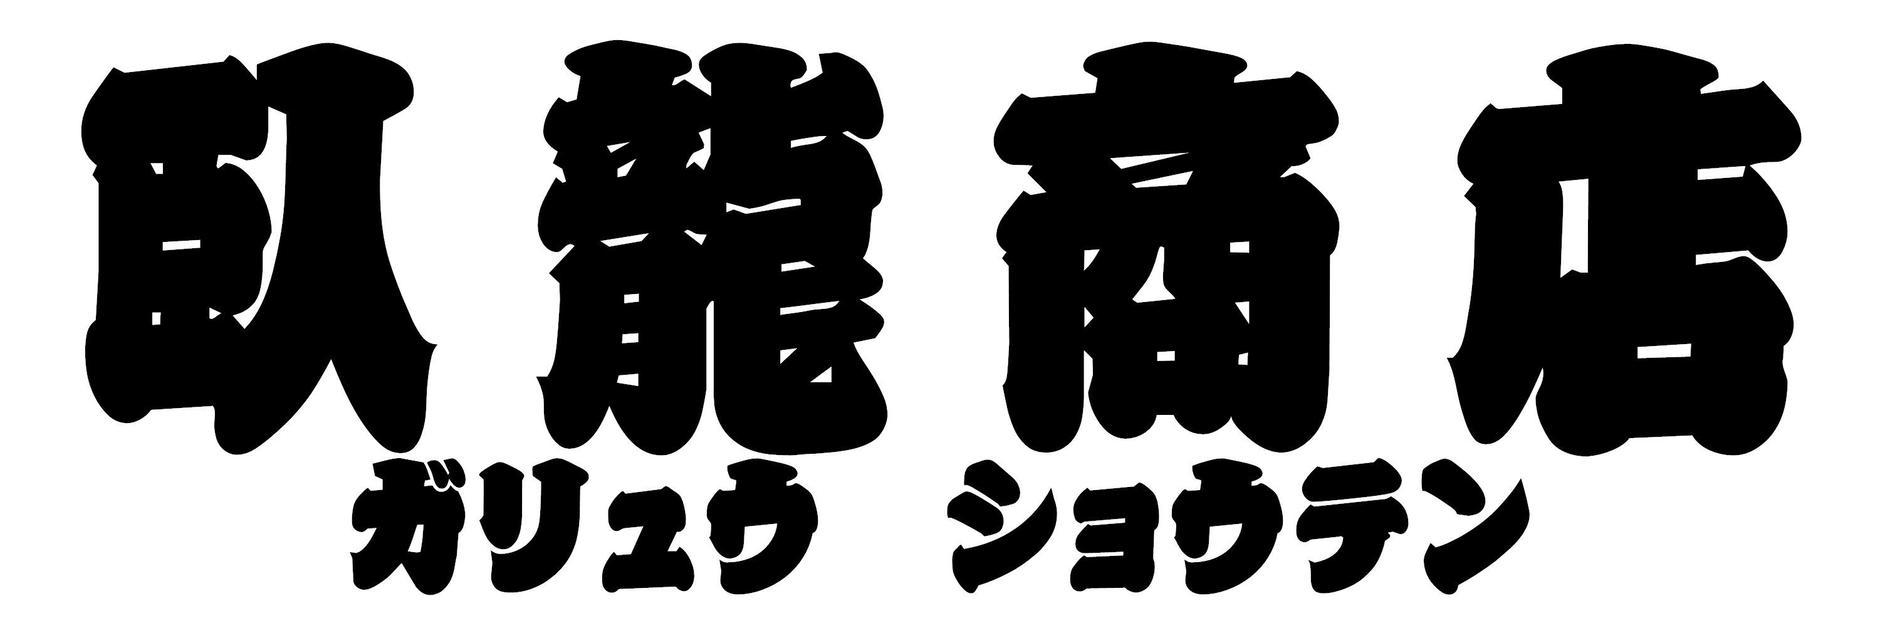 【臥龍商店】海外ミリタリー装備専門店